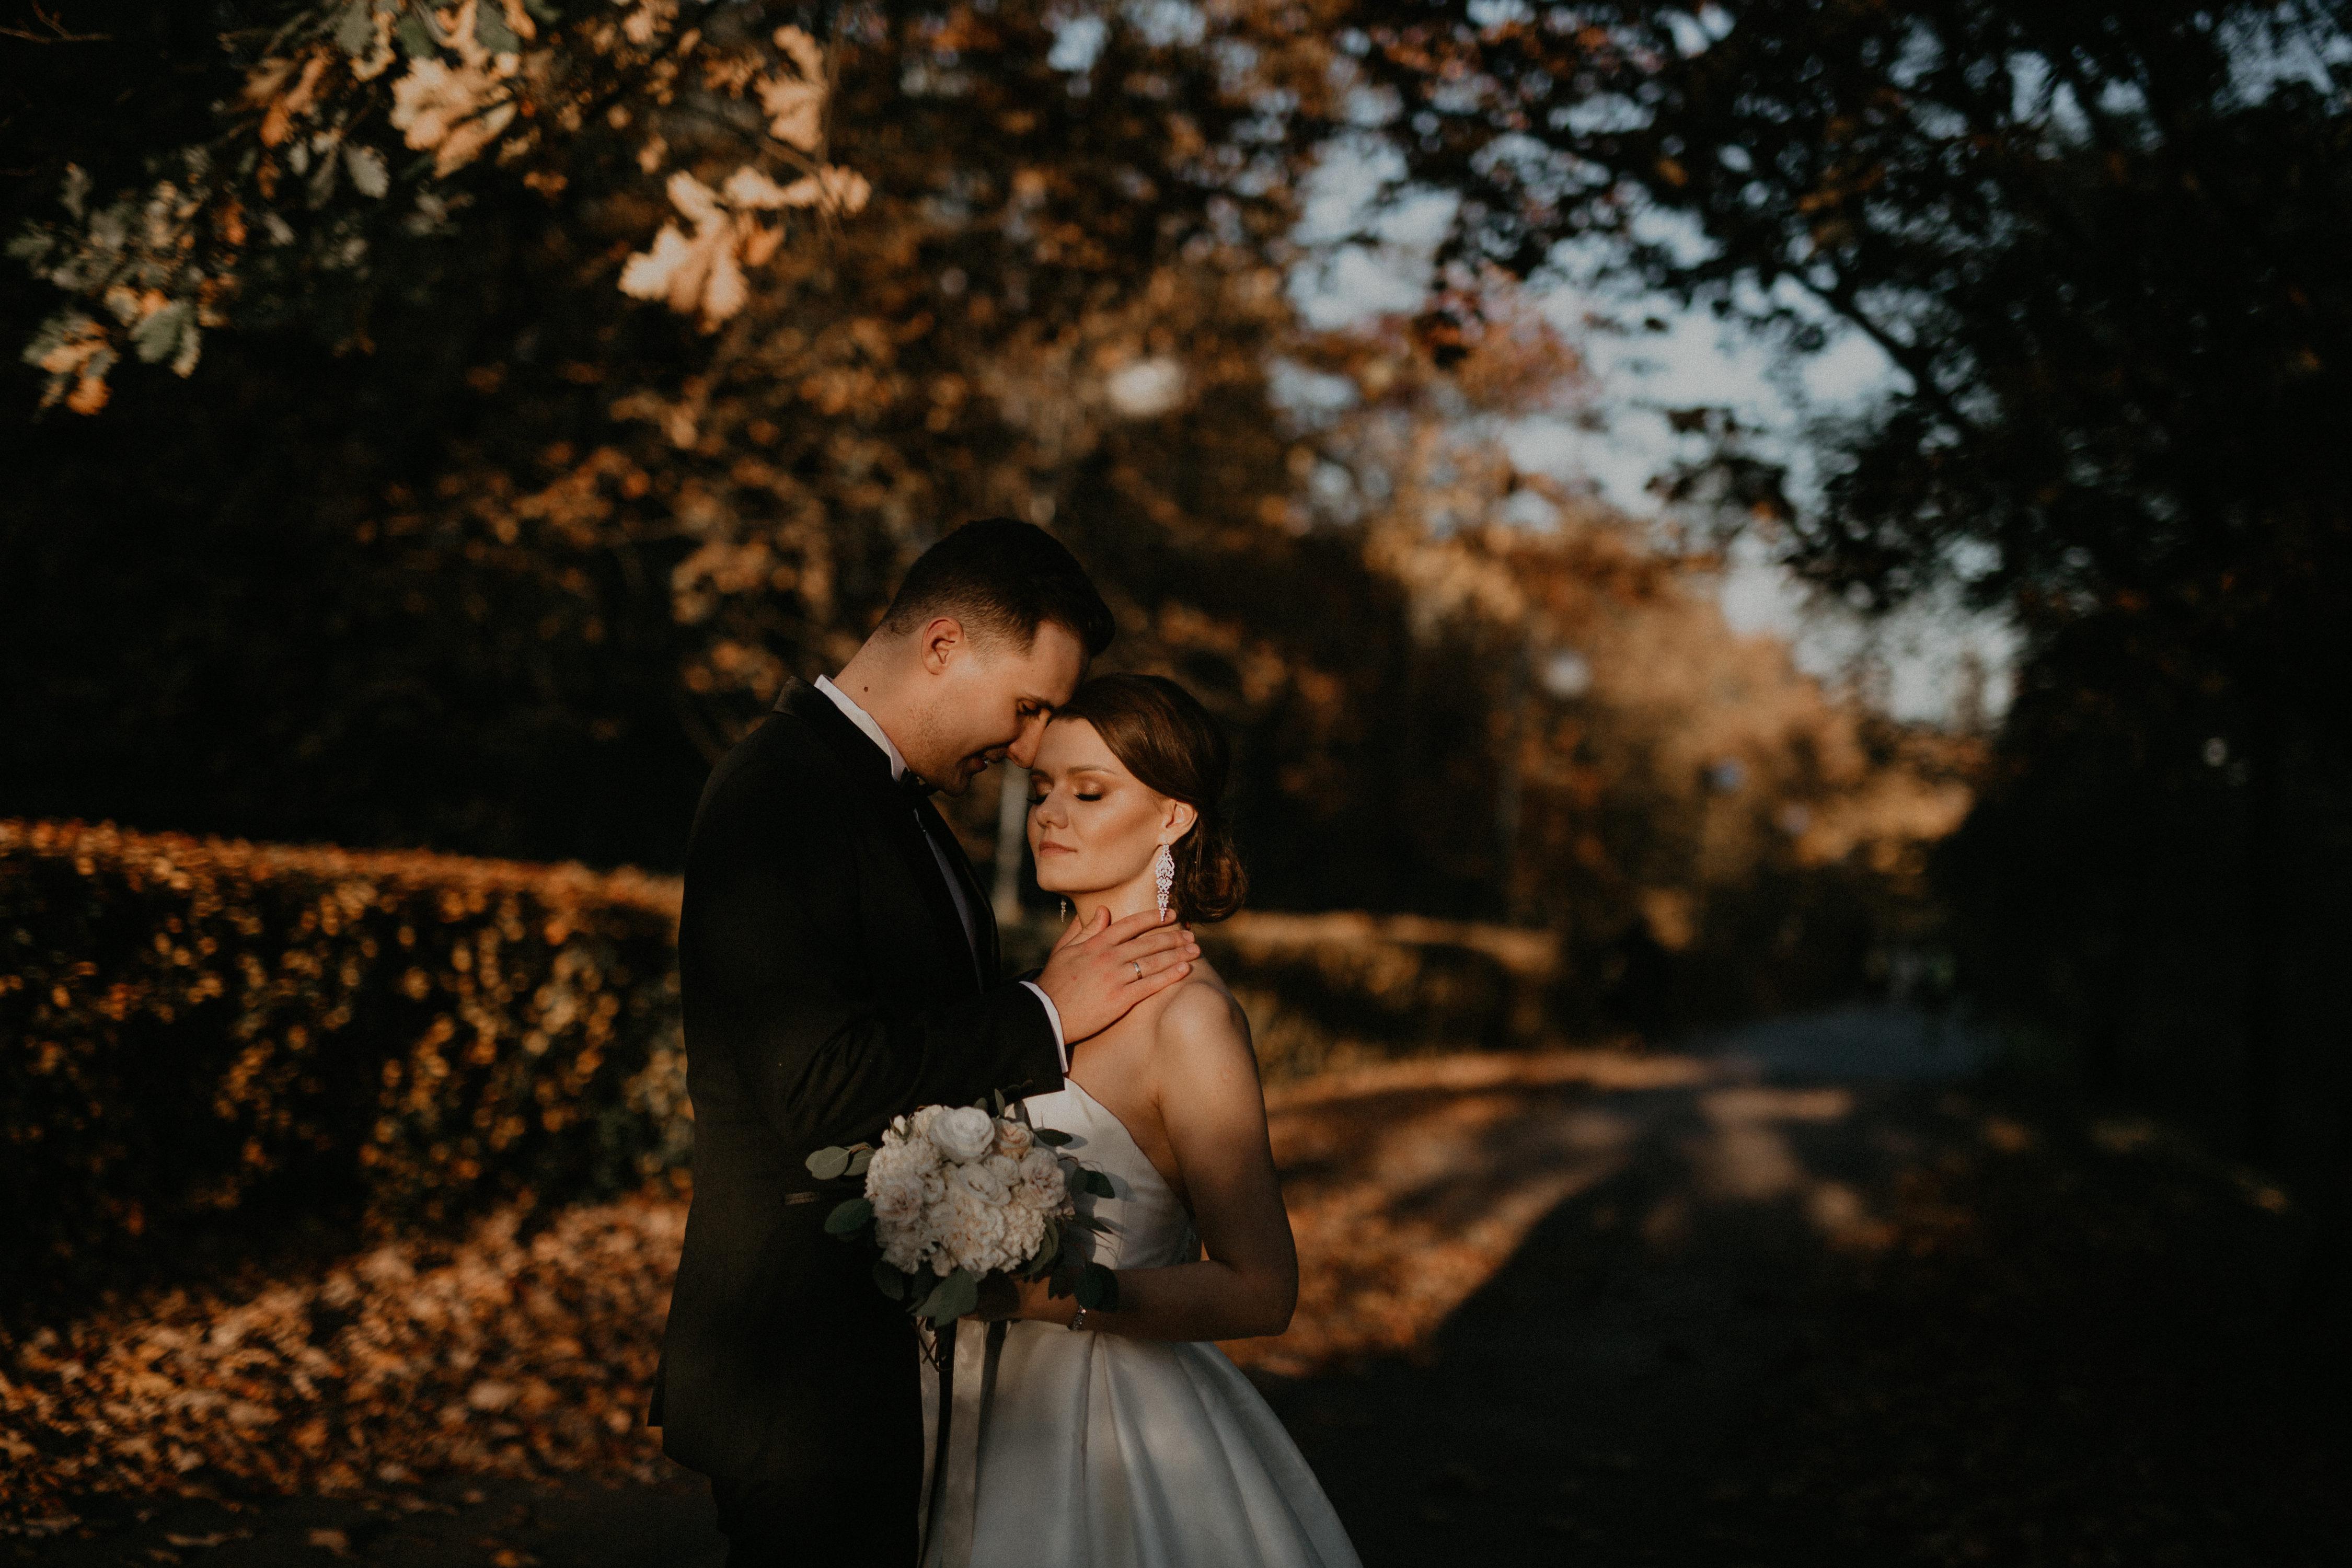 AW 51 e1576239818925 - Strona główna Fotografia ślubna RK wedding